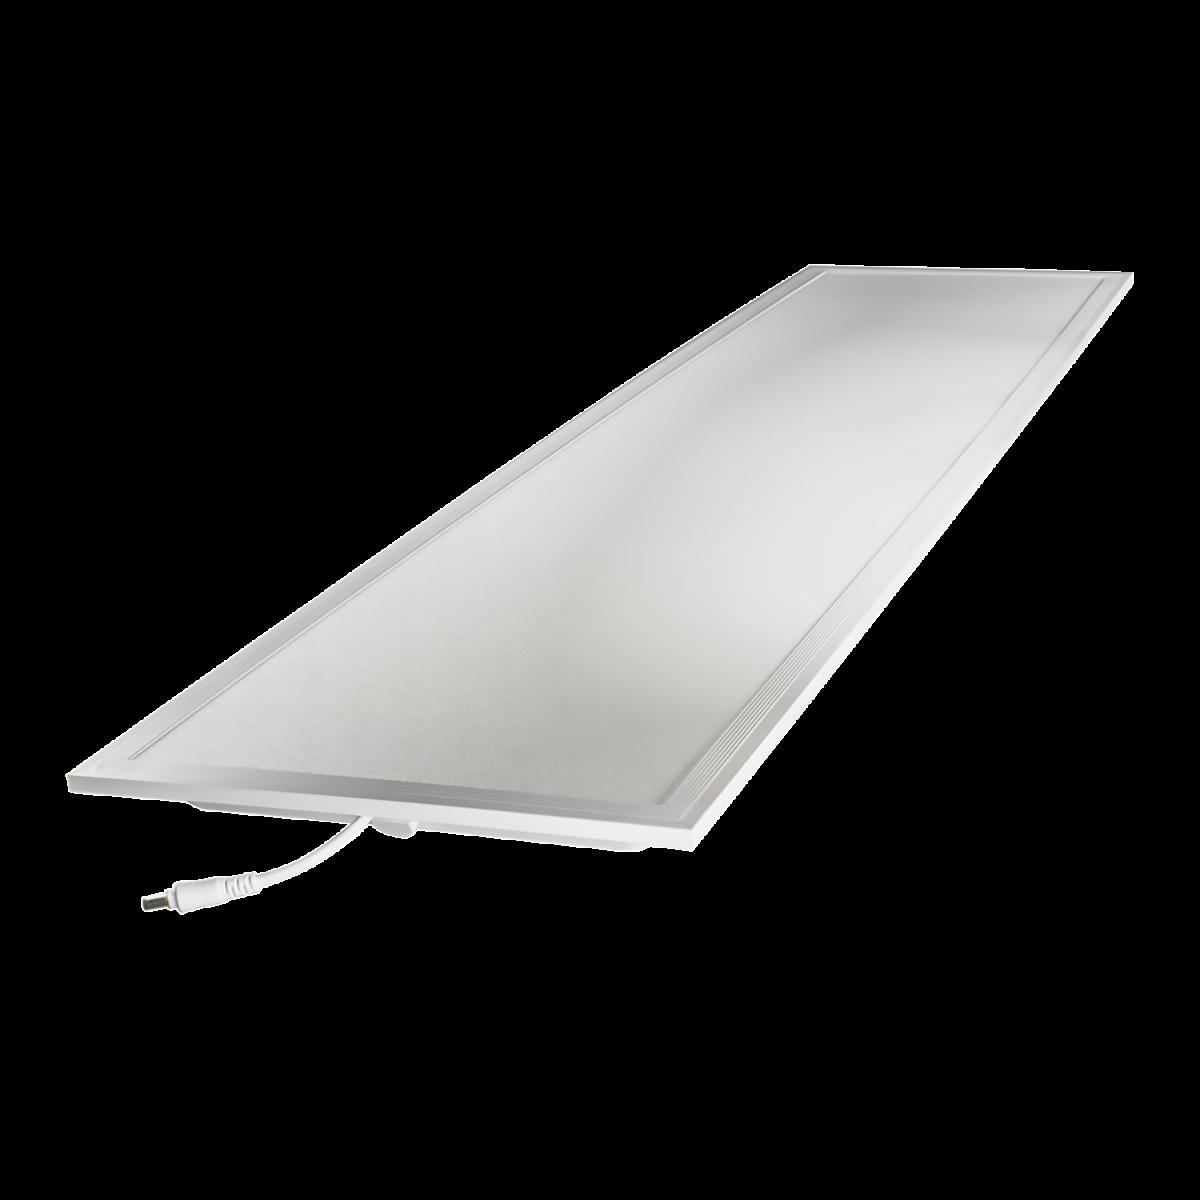 Noxion LED Panel Delta Pro V2.0 30W 30x120cm 4000K 4110lm UGR <19   Replacer for 2x36W